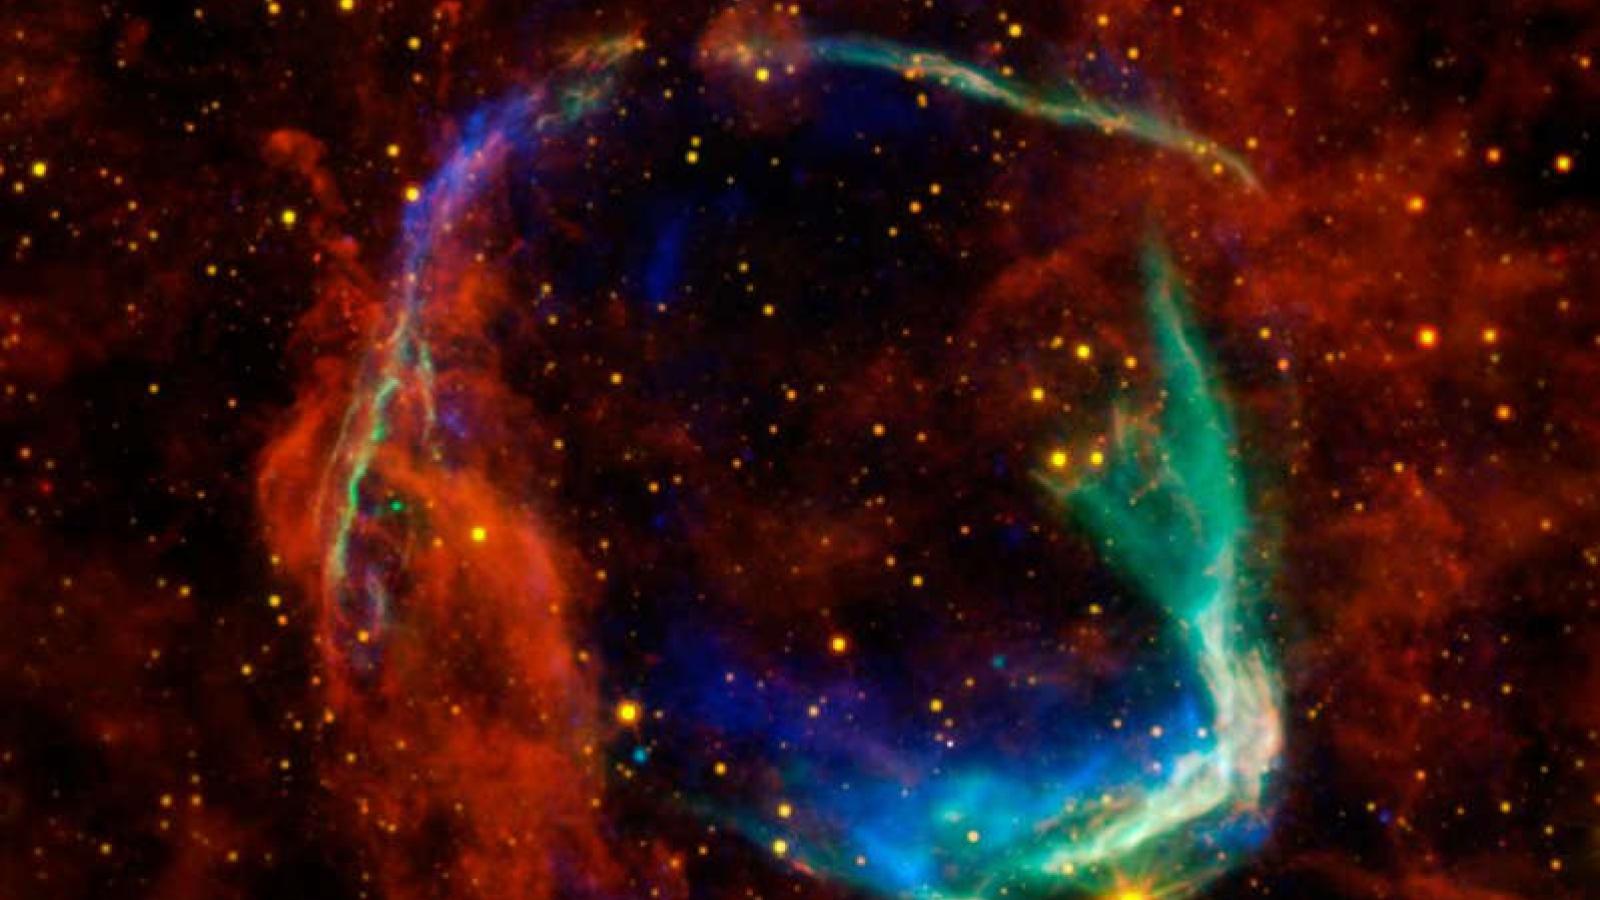 Giải mã vụ nổ siêu tân tinh sáng suốt 185 ngày cách đây gần 900 năm ở Trung Quốc